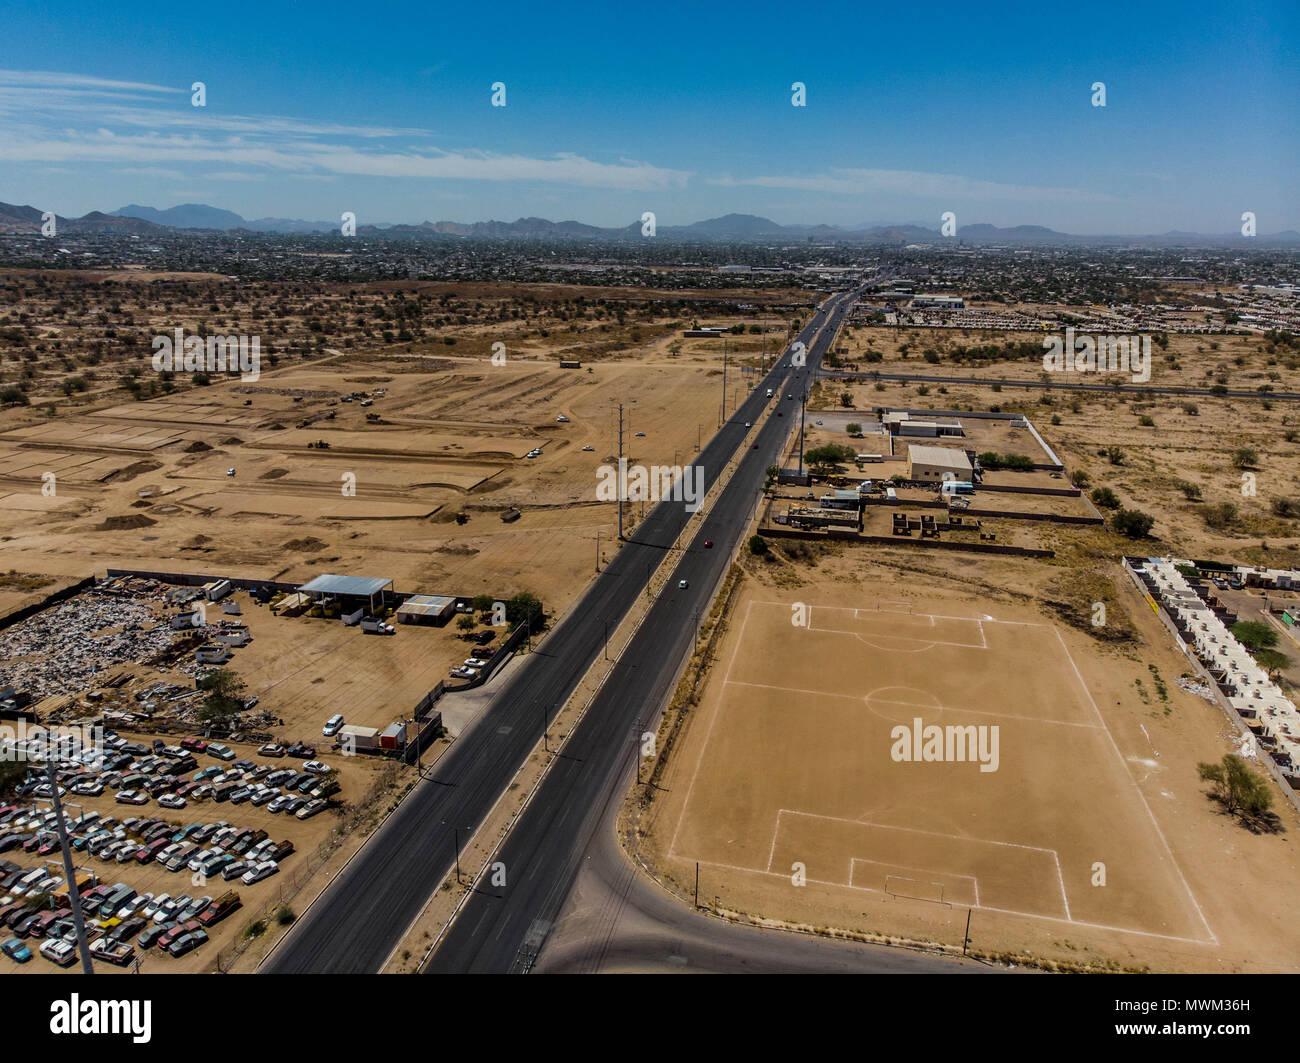 Vista aérea del campo de deportes, campo de fútbol de tierra en el norte de Hermosillo. Colonia pueblitos. Bulevar Solidaridad final. Complejo deportivo. Imagen De Stock